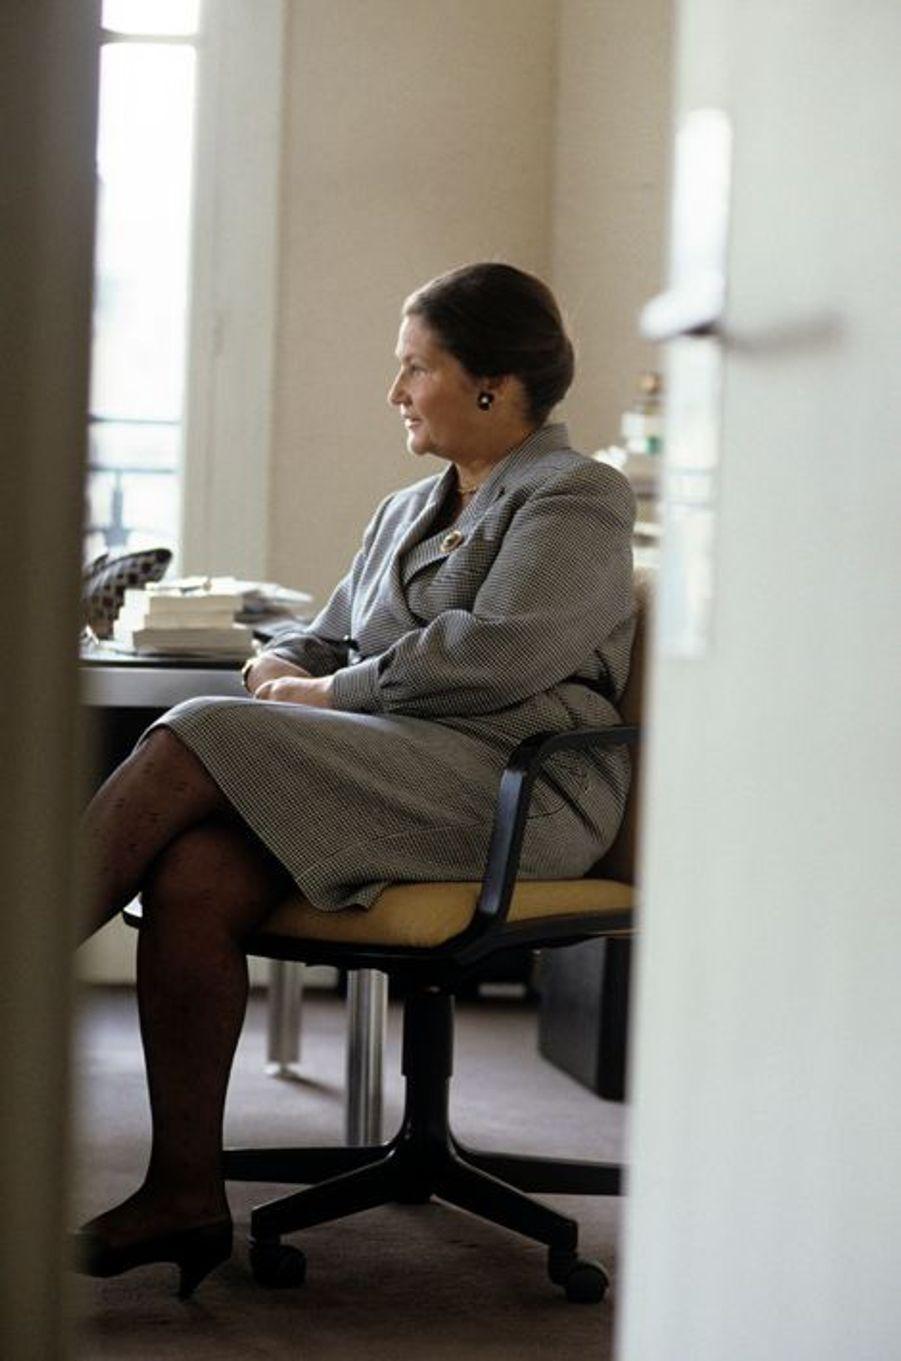 Juin 1988- Portrait de Simone Veil dans son bureau lors d'une interview de Liliane Gallifet.